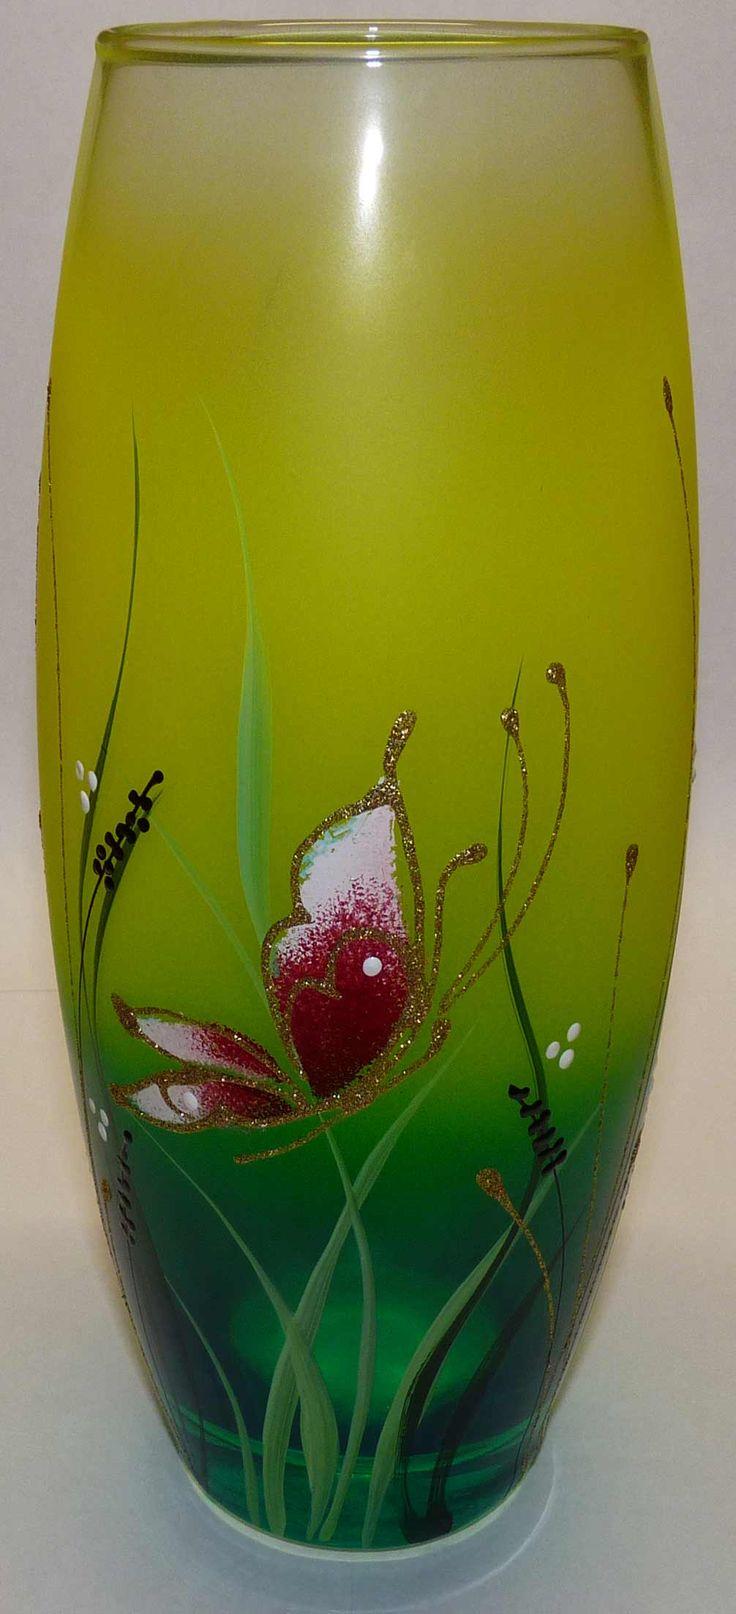 SHOP-PARADISE.COM:  Стеклянная Ваза Flora 260 мм дизайн зеленовато-желтый 19,32 €